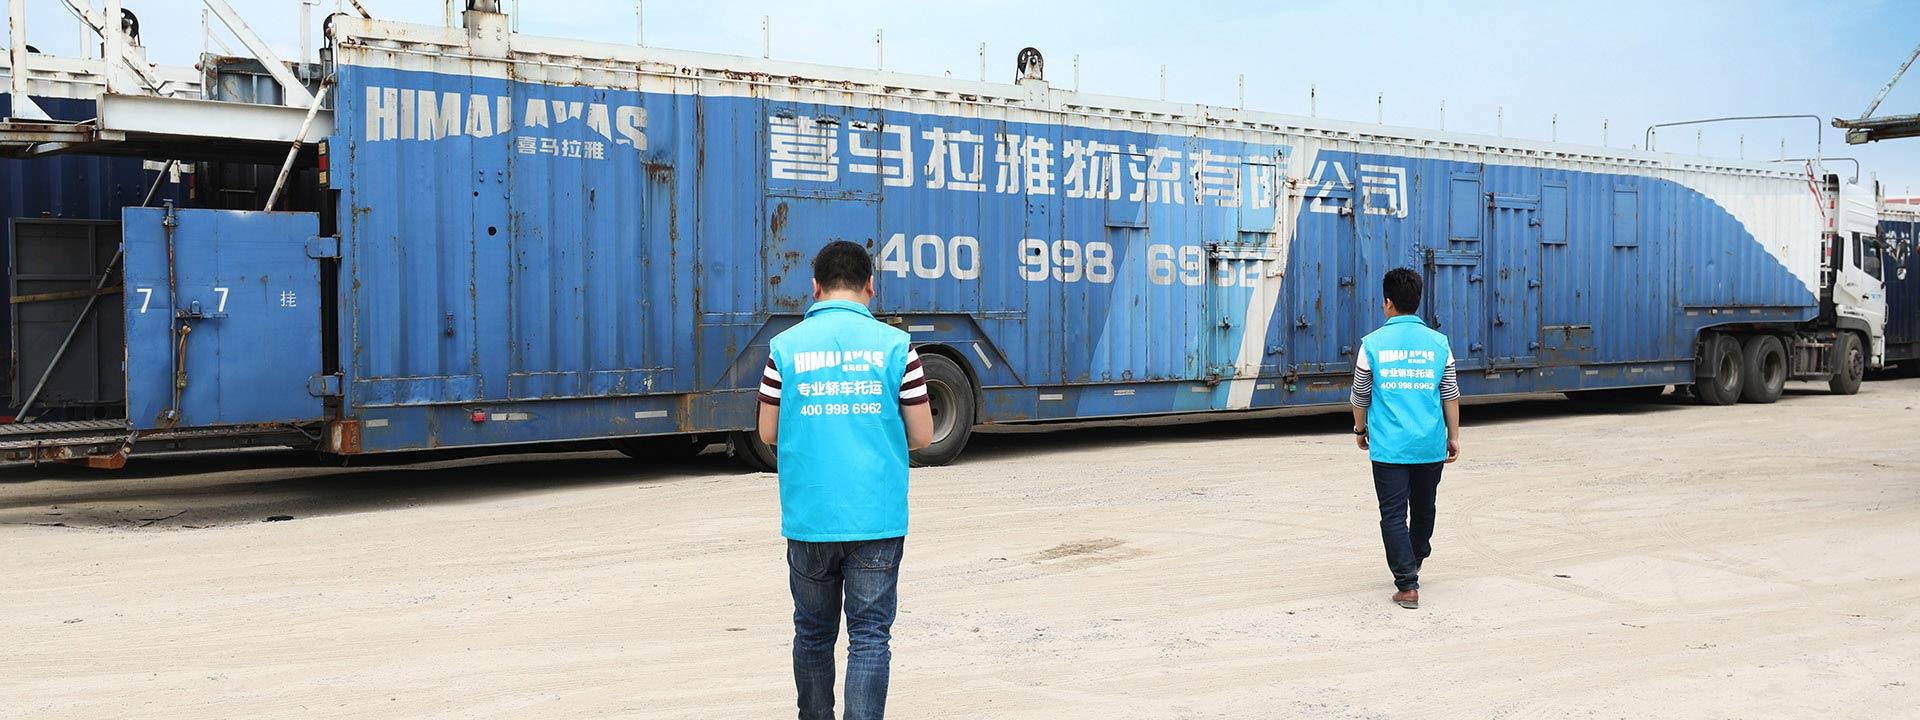 广州轿车托运,广州托运汽车,广州托运轿车,全国汽车托运首选喜马拉雅物流